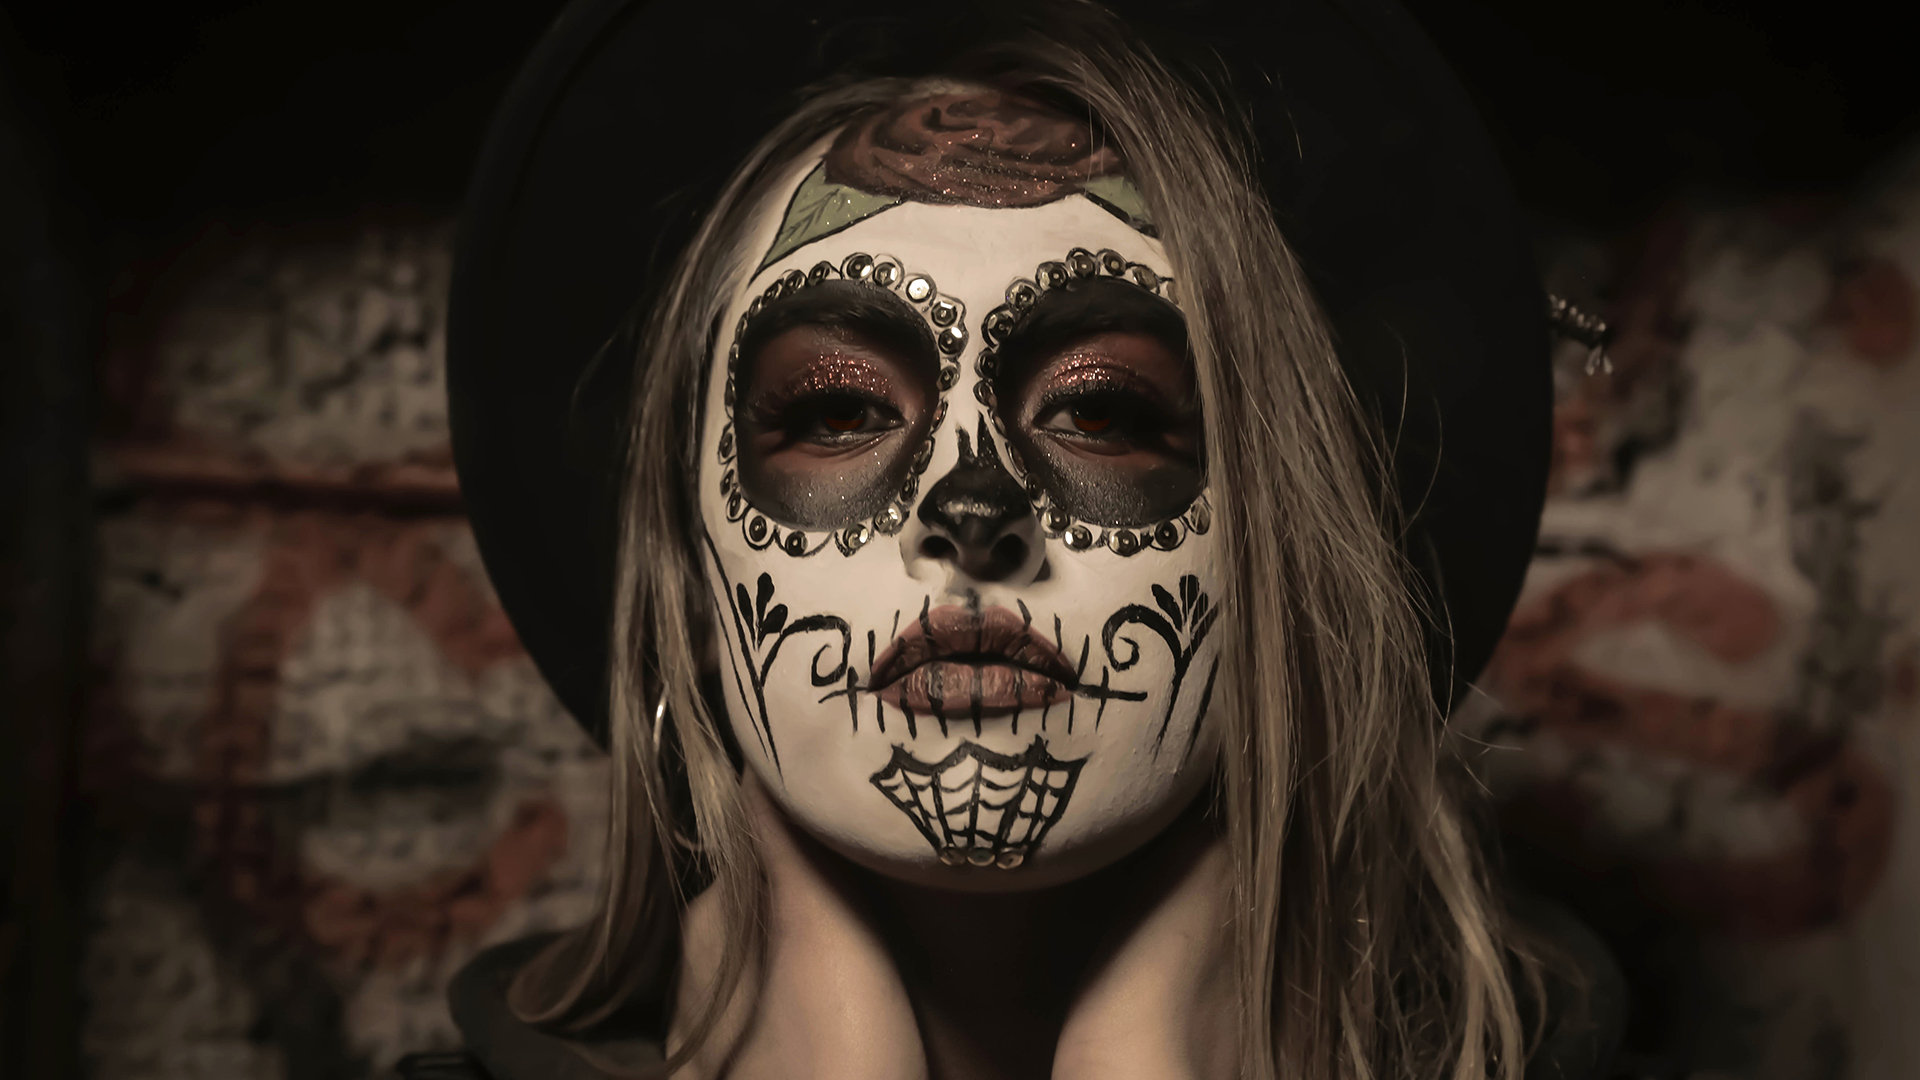 Halloween Schminken Ohne Kostum.10 Halloween Make Up Ideen Fur Die Man Sonst Kein Kostum Mehr Braucht Maxima